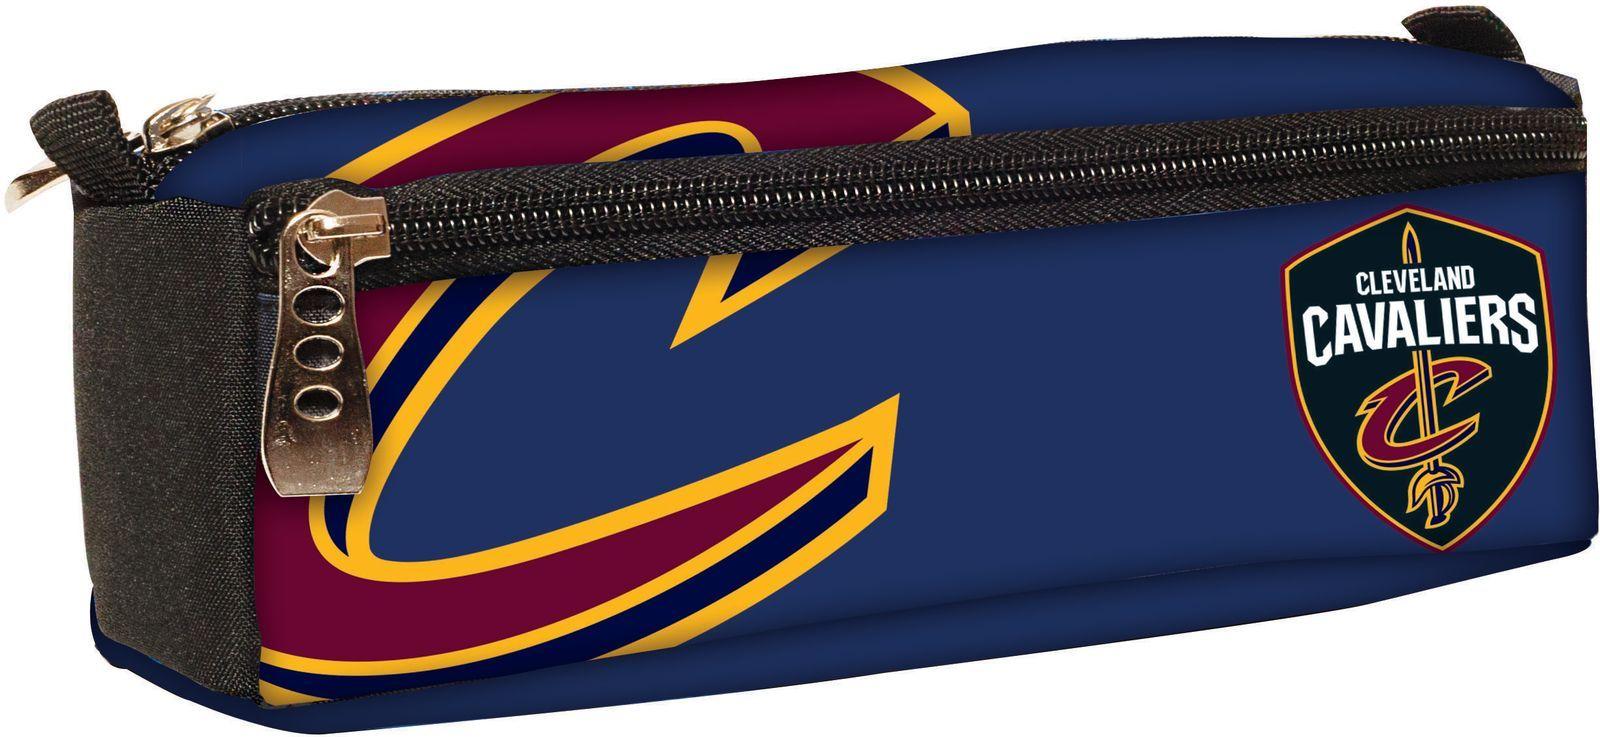 Κασετινα Βαρελάκι NBA Cleveland Cavaliers BMU 338-54140